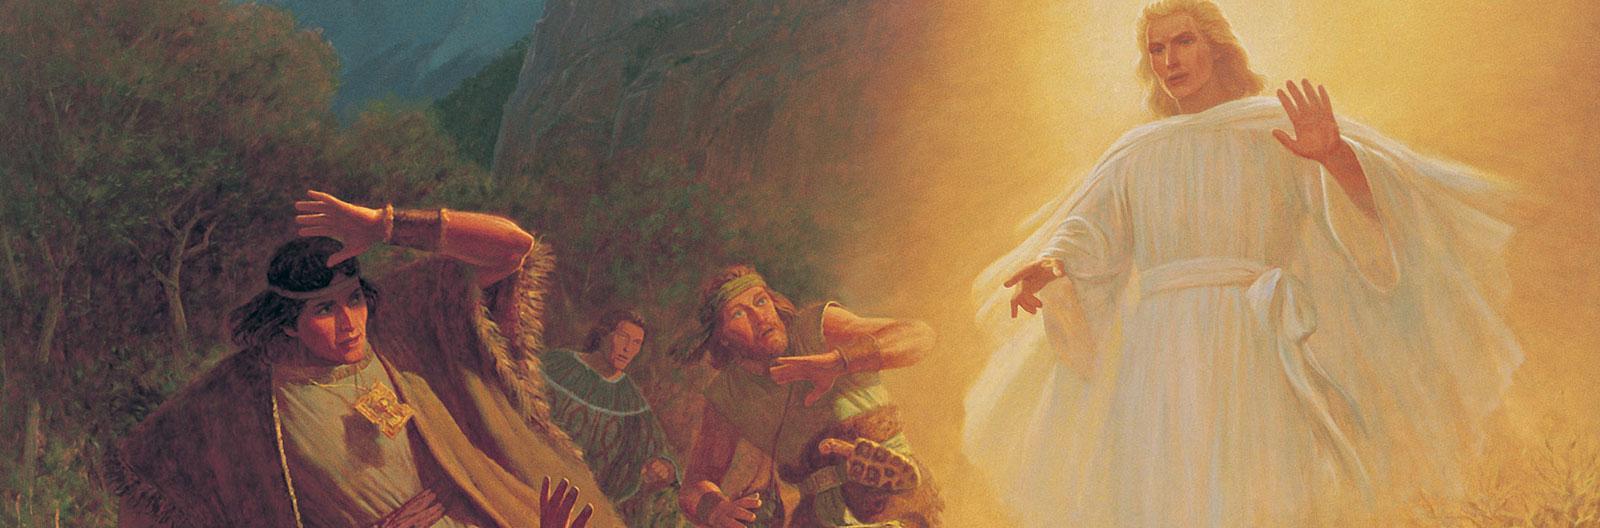 book of mormon gospel doctrine manual